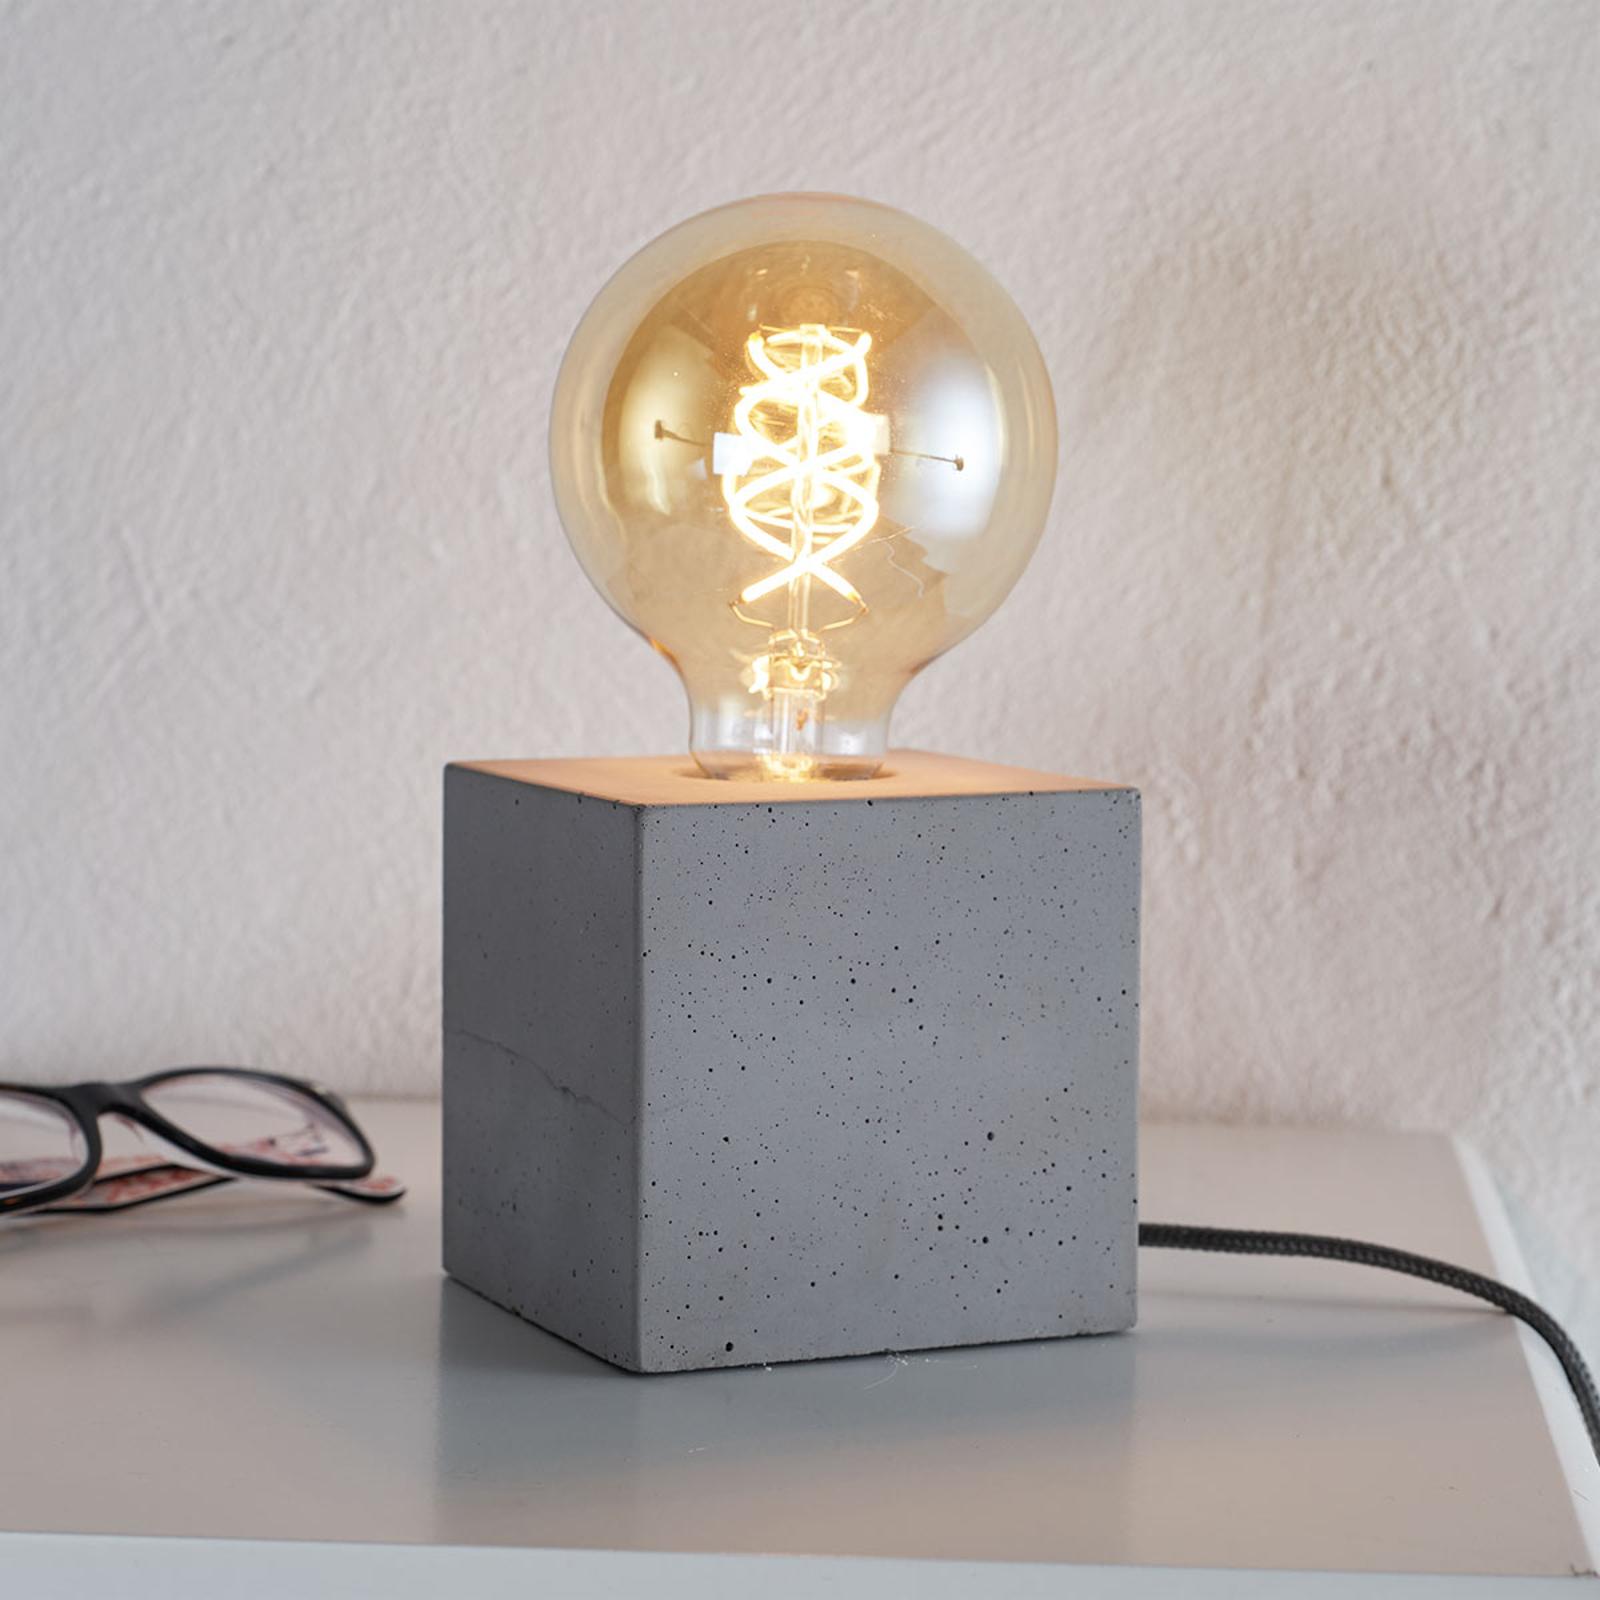 Moderne tafellamp Strong van beton